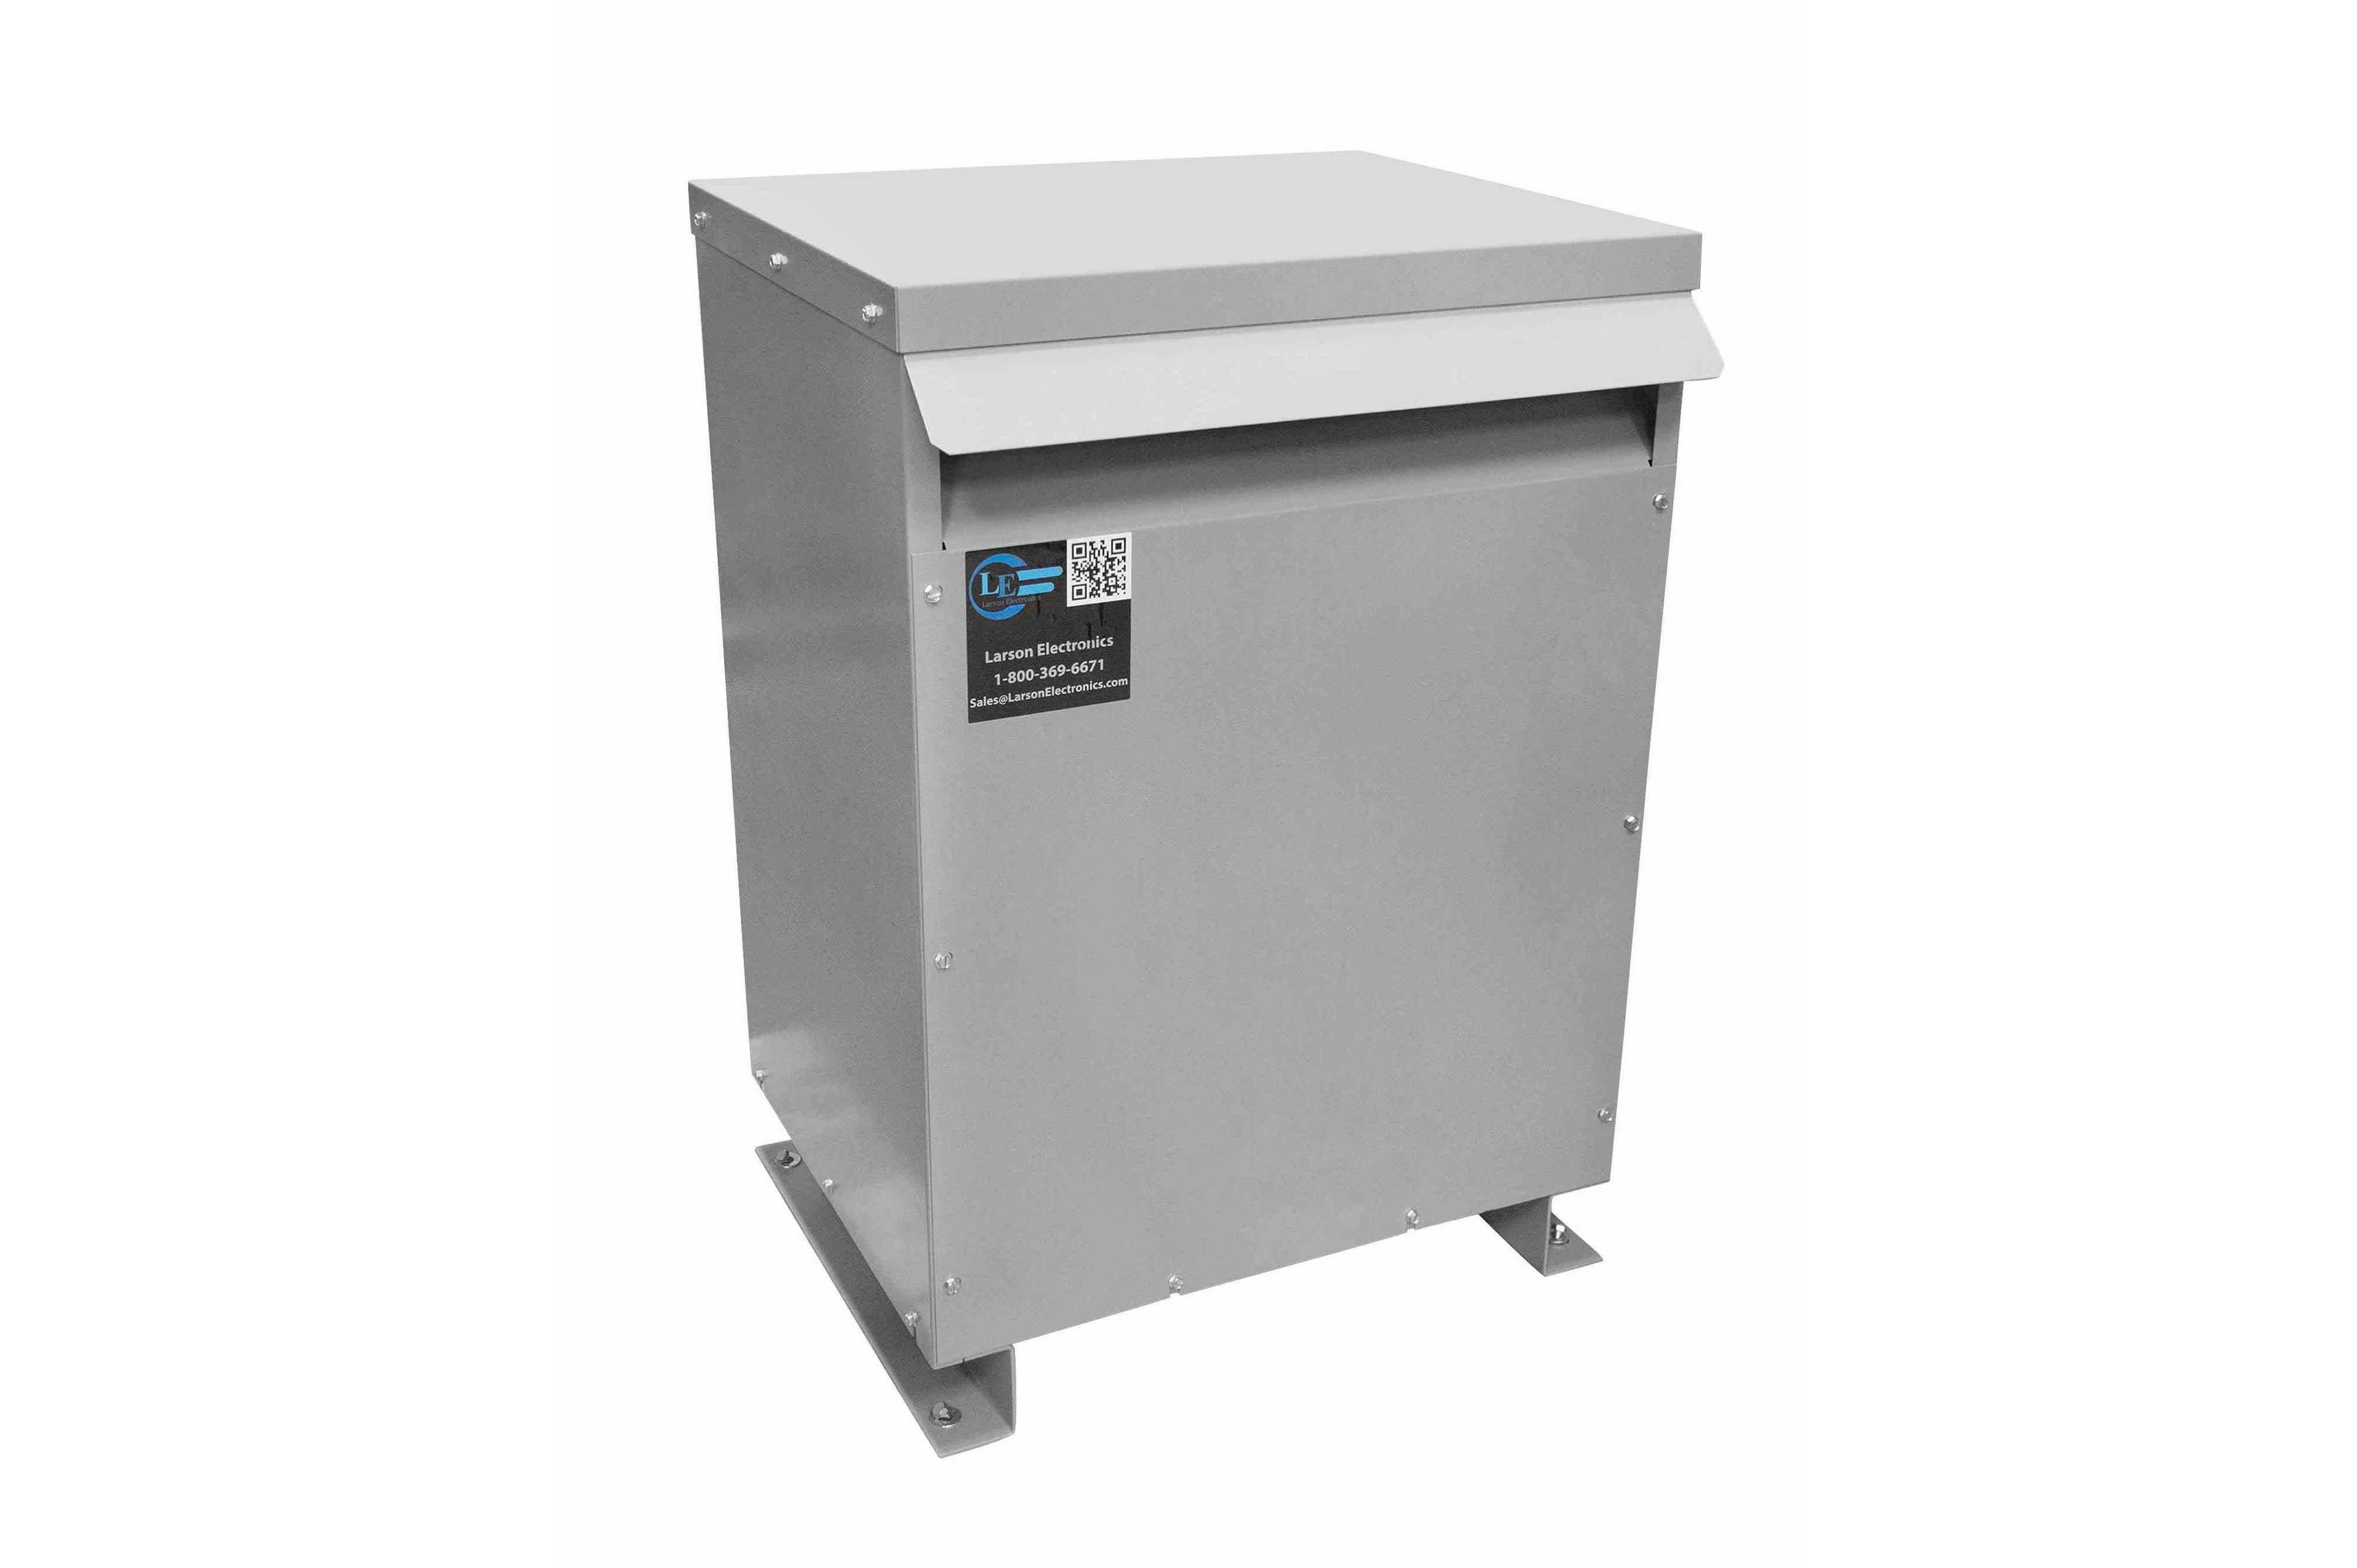 20 kVA 3PH Isolation Transformer, 460V Delta Primary, 600V Delta Secondary, N3R, Ventilated, 60 Hz